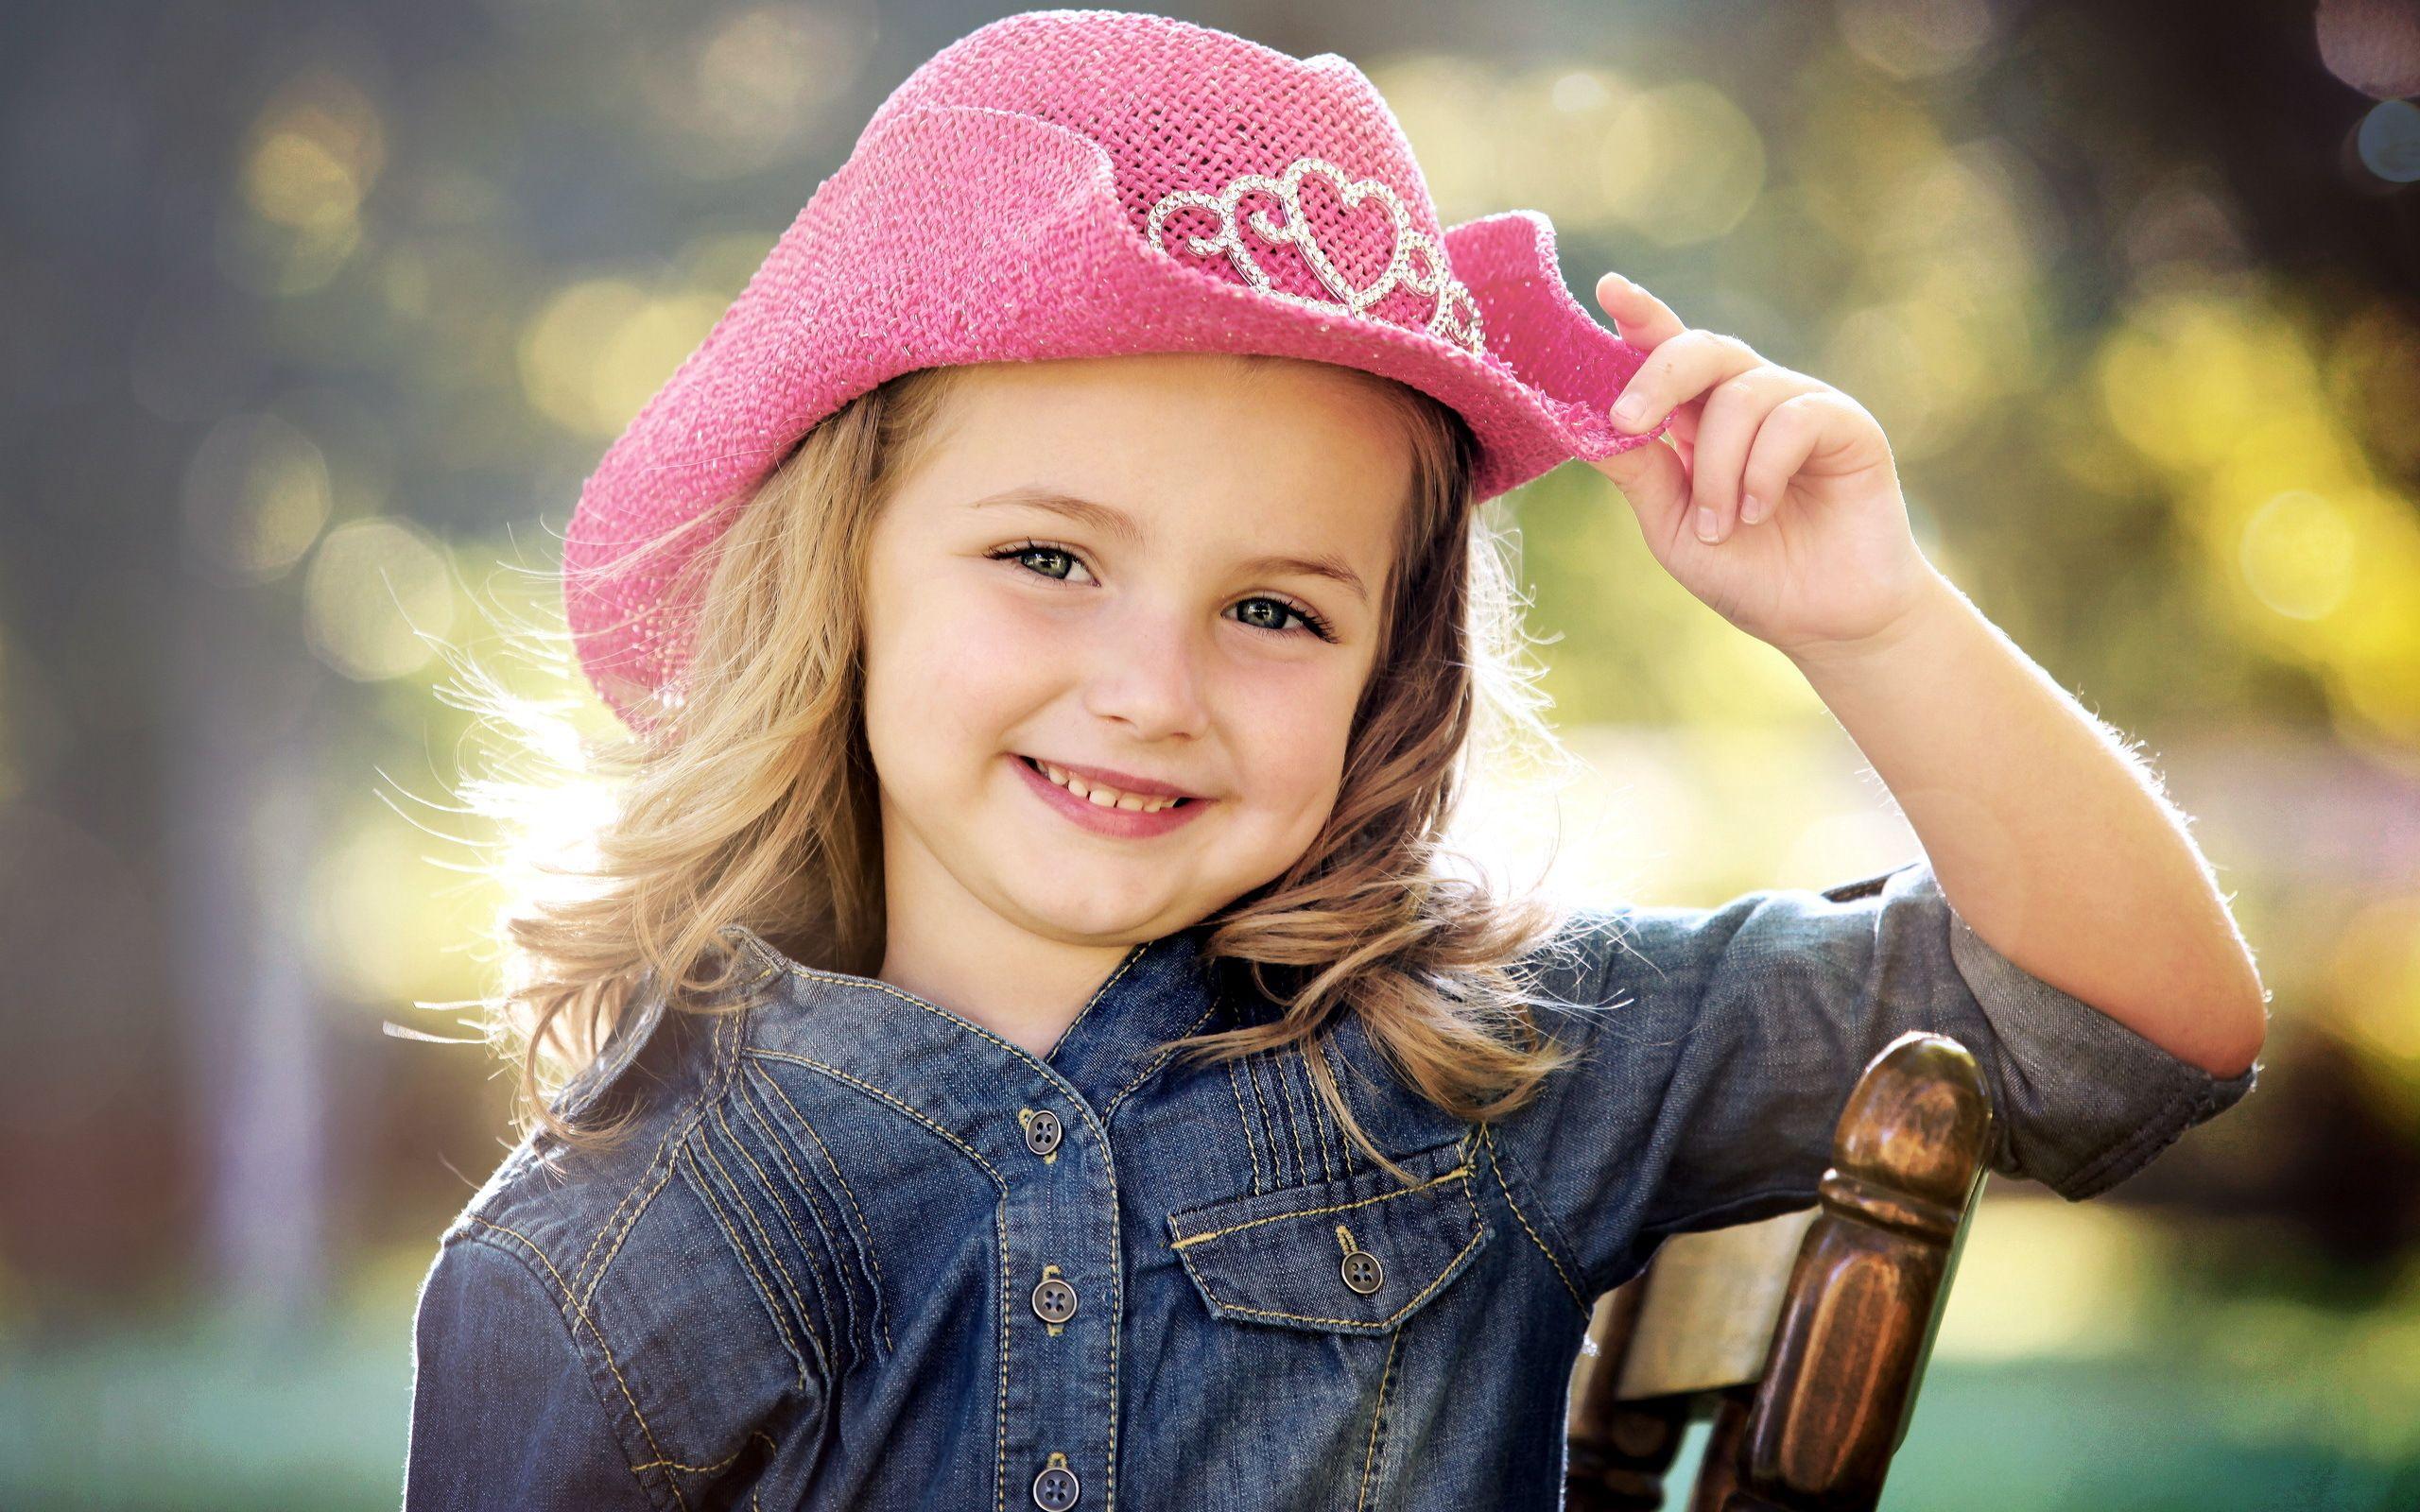 pretty cute smile of - photo #44